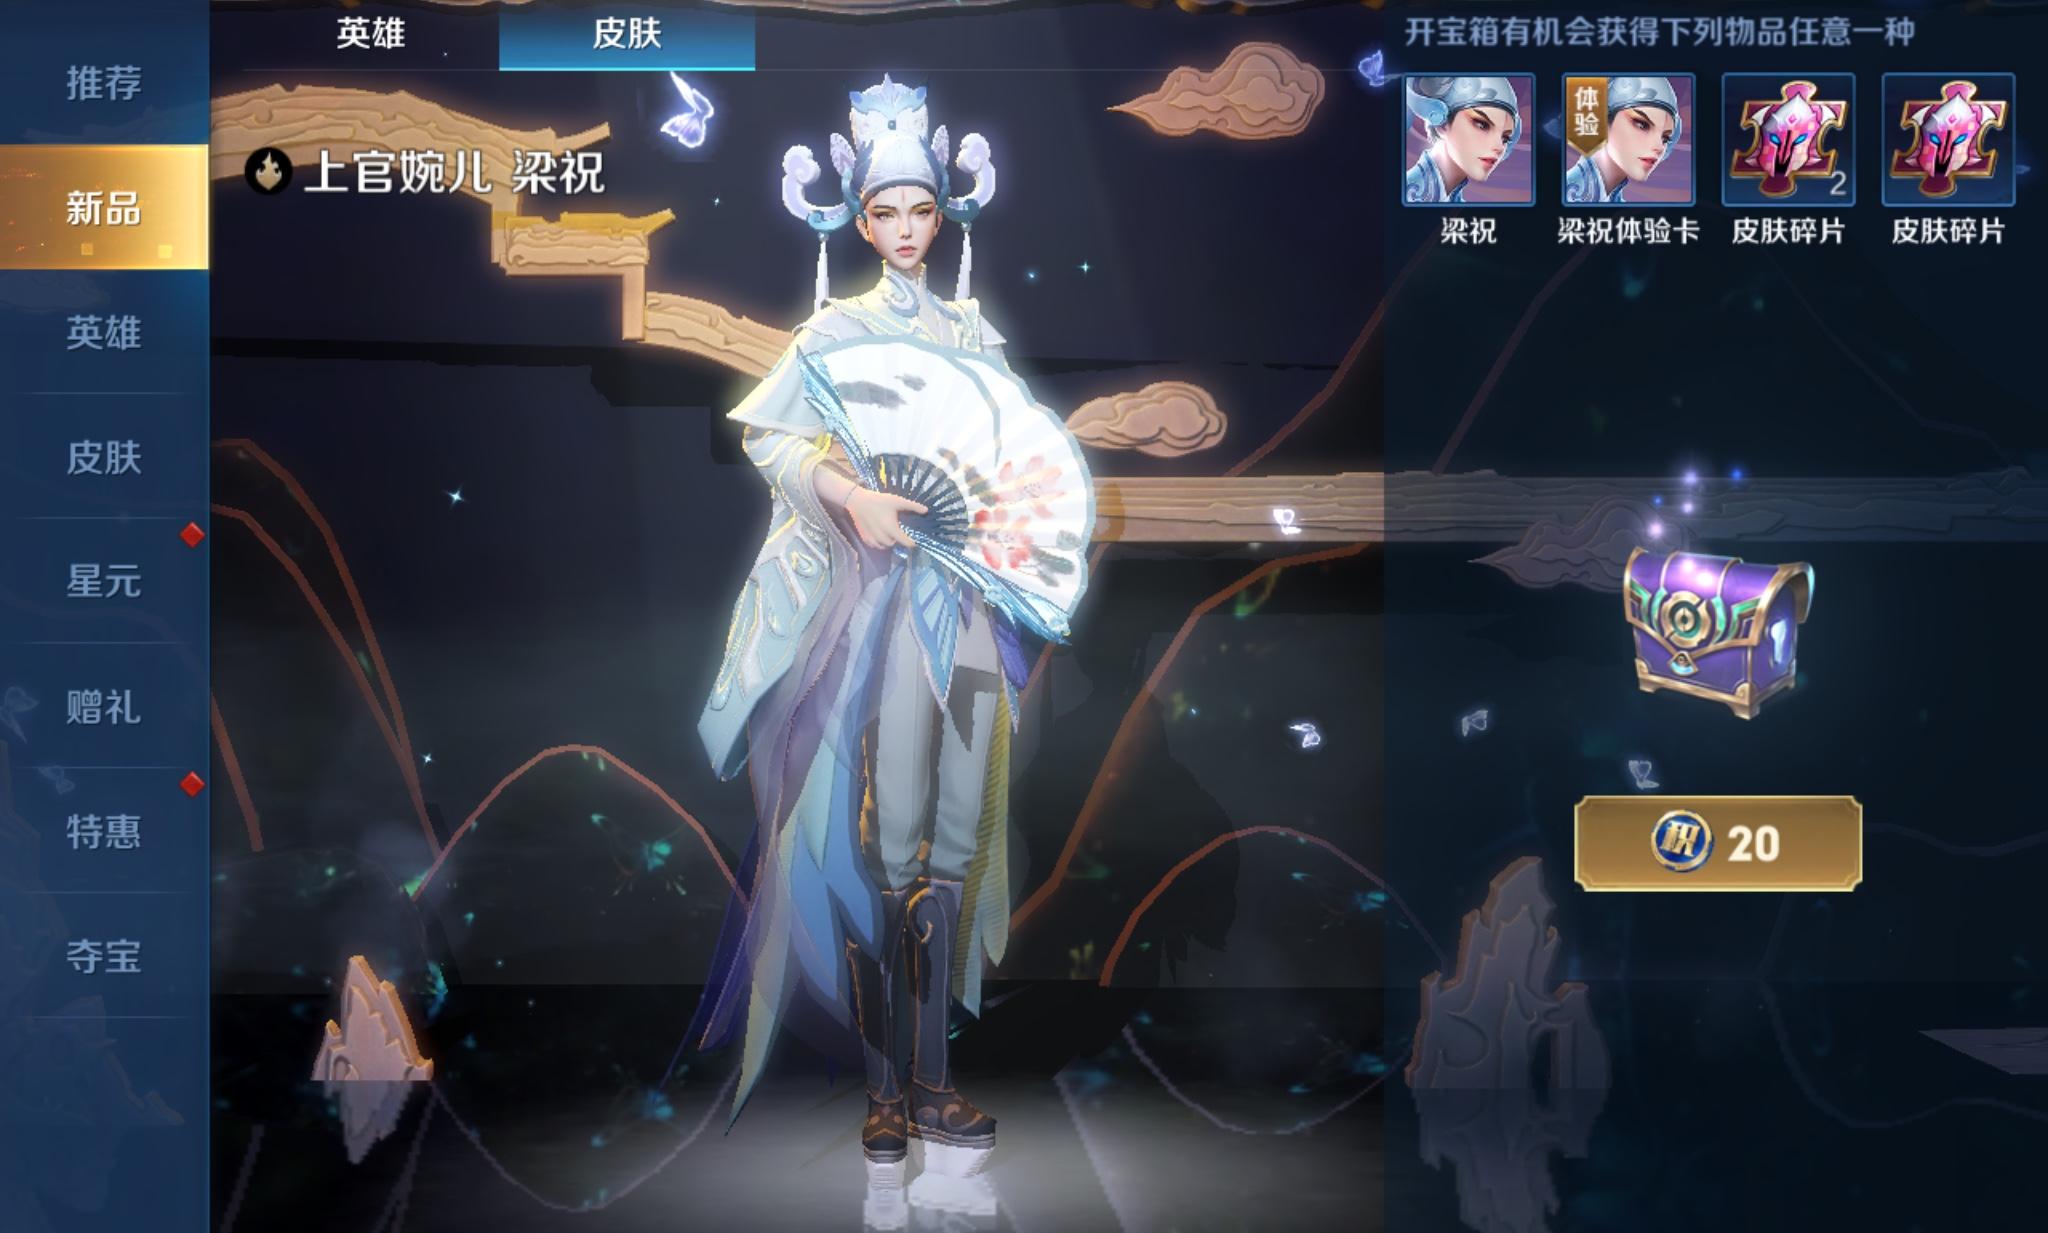 王者荣耀:玩家意外抽出新品皮肤,下一秒看到奖励后绝望了!